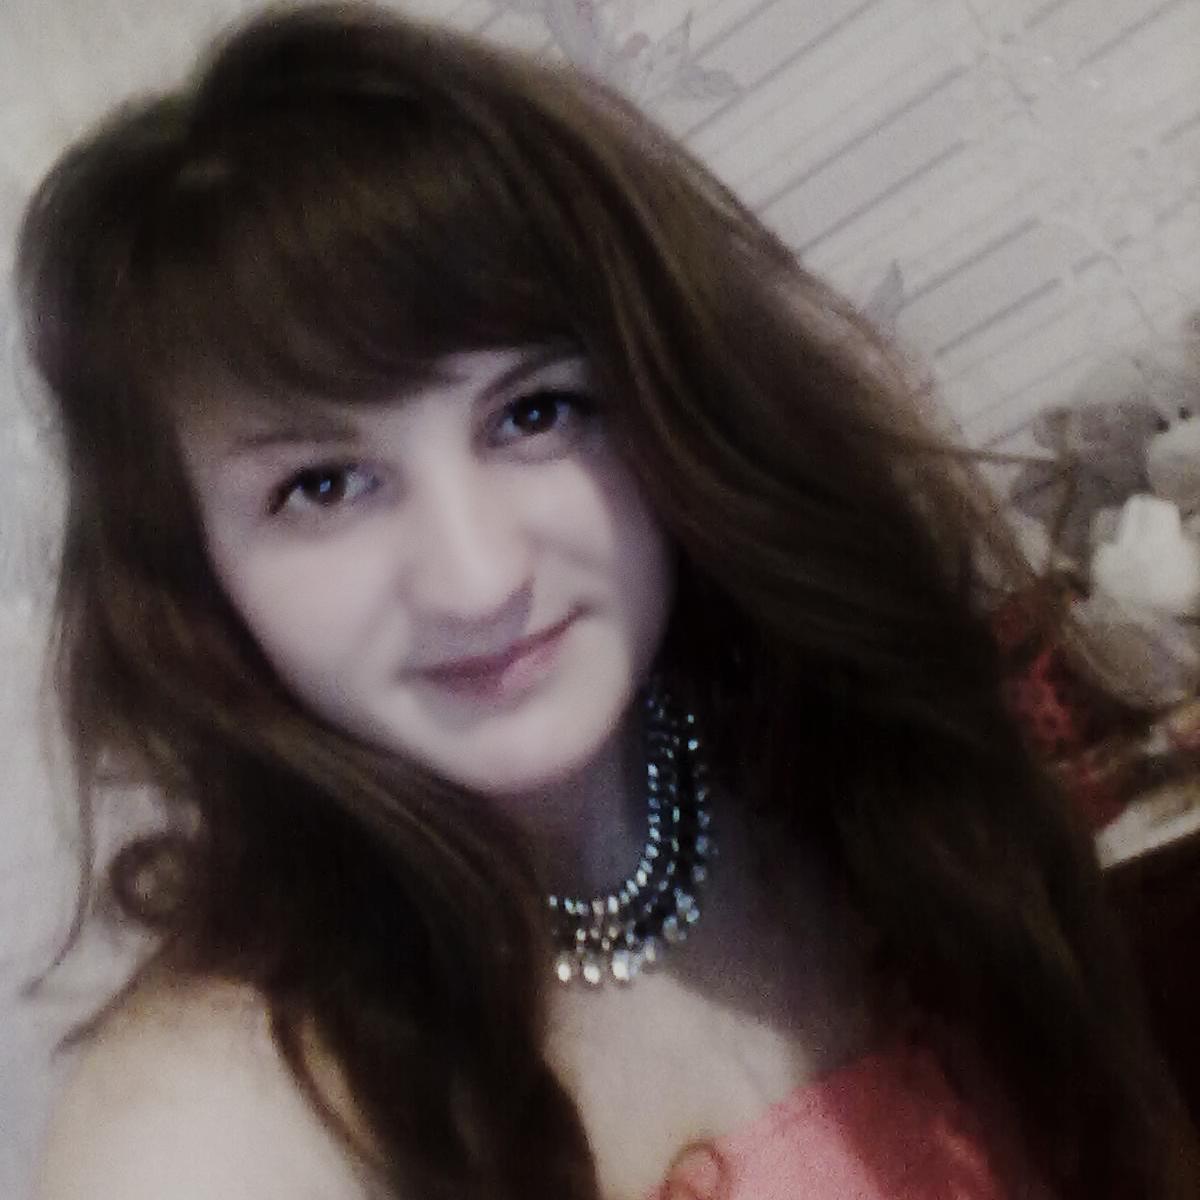 Анастасия шлыкова требуются девушки актрисы работа в клубе валерия